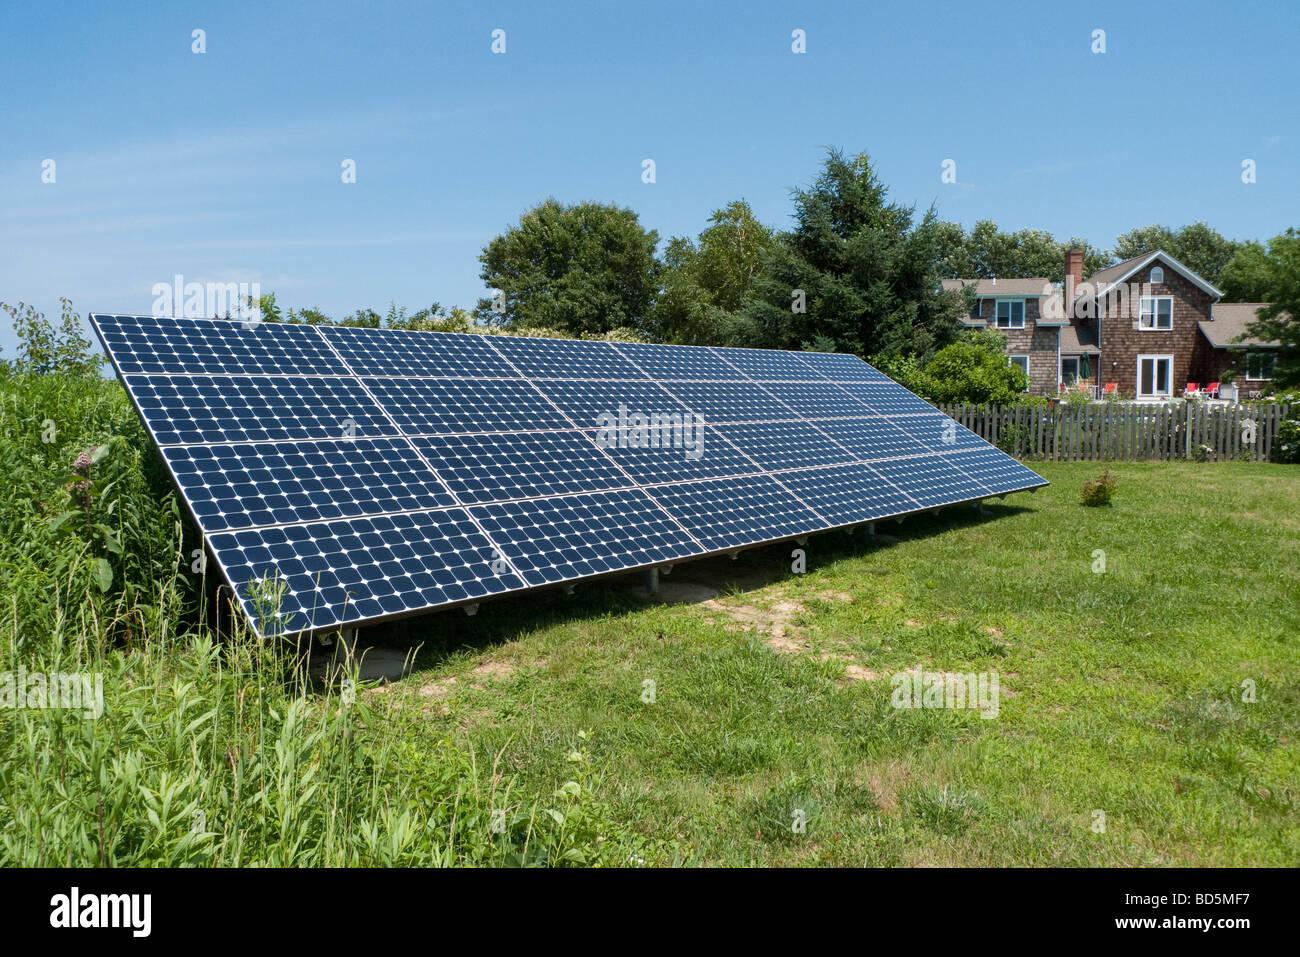 SunPower del pannello solare con cella fotovoltaica griglia installata. Home che consente di potenza è in background. Immagini Stock